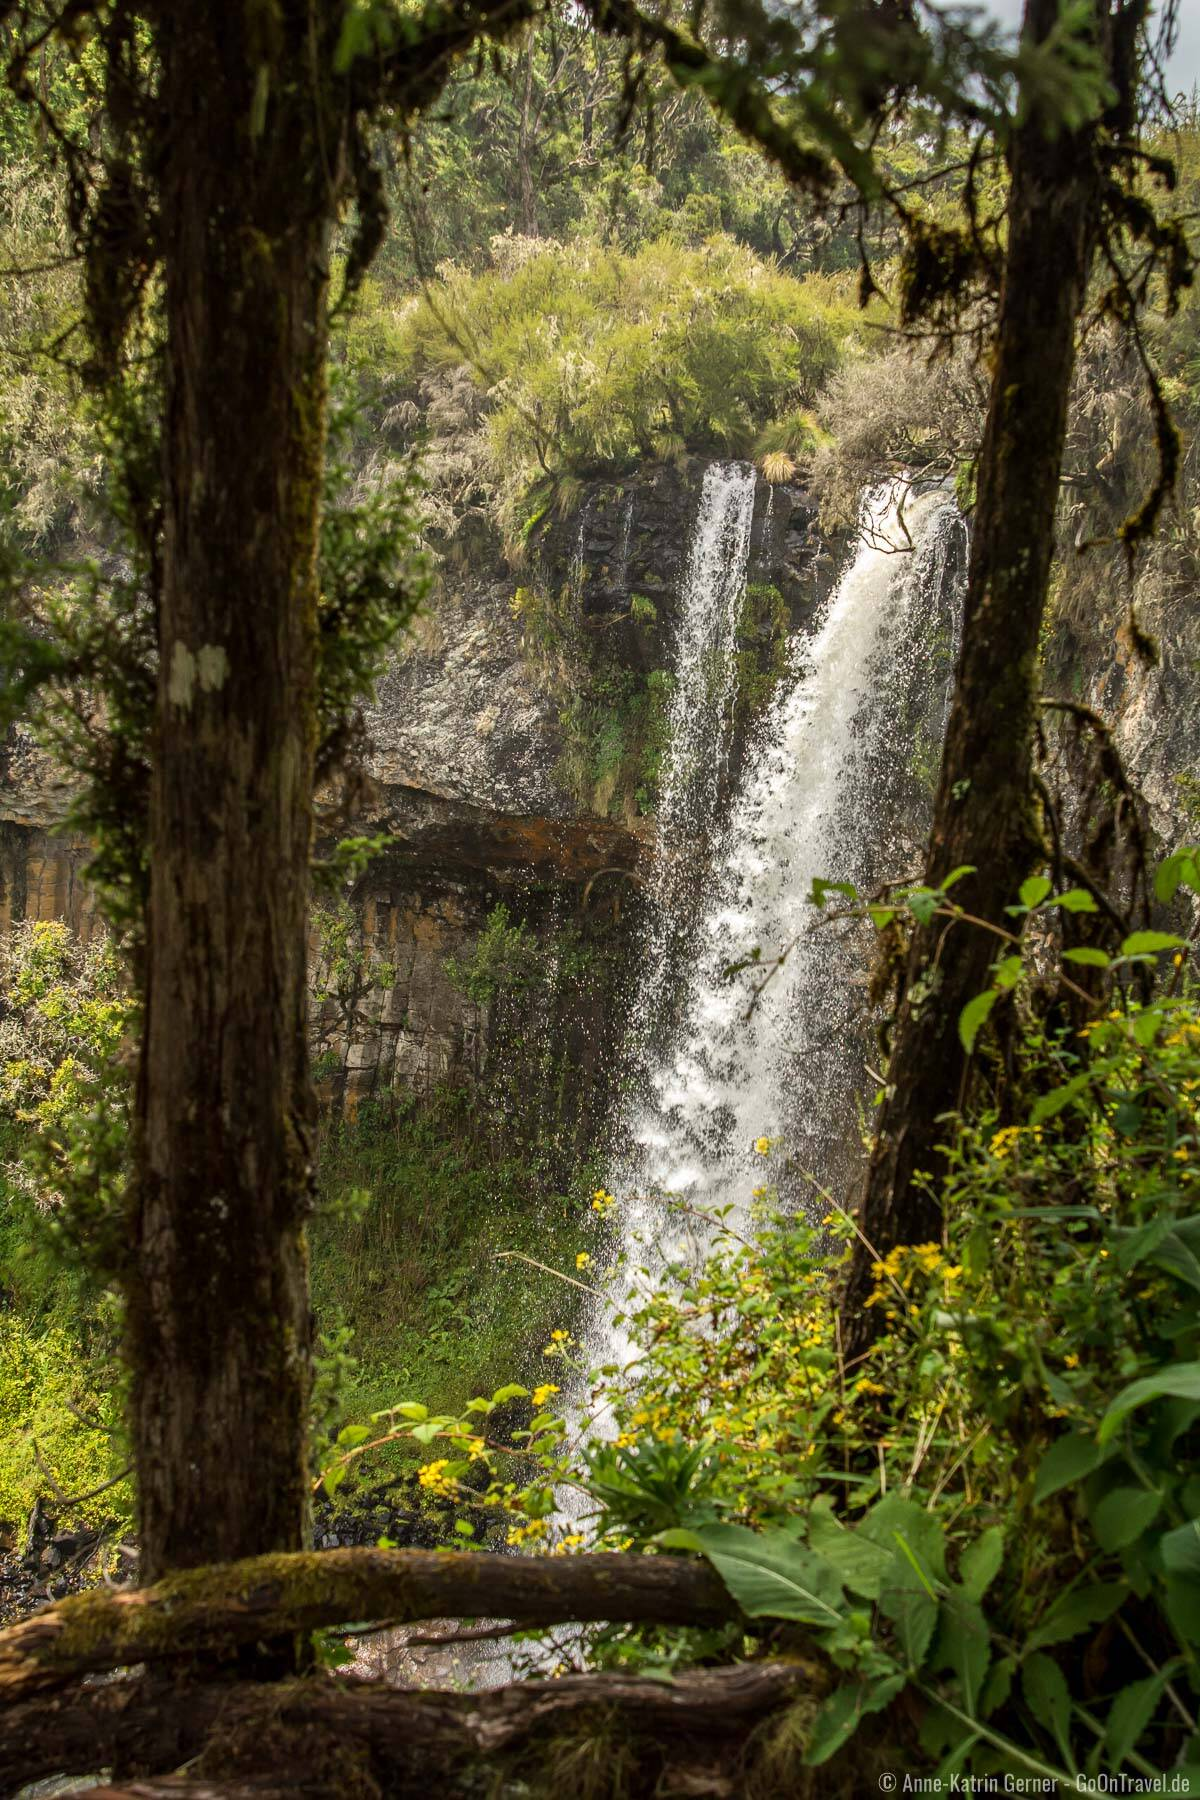 Chania Wasserfall lässt sich im Aberdare Nationalpark sehr gut zu Fuß erreichen.